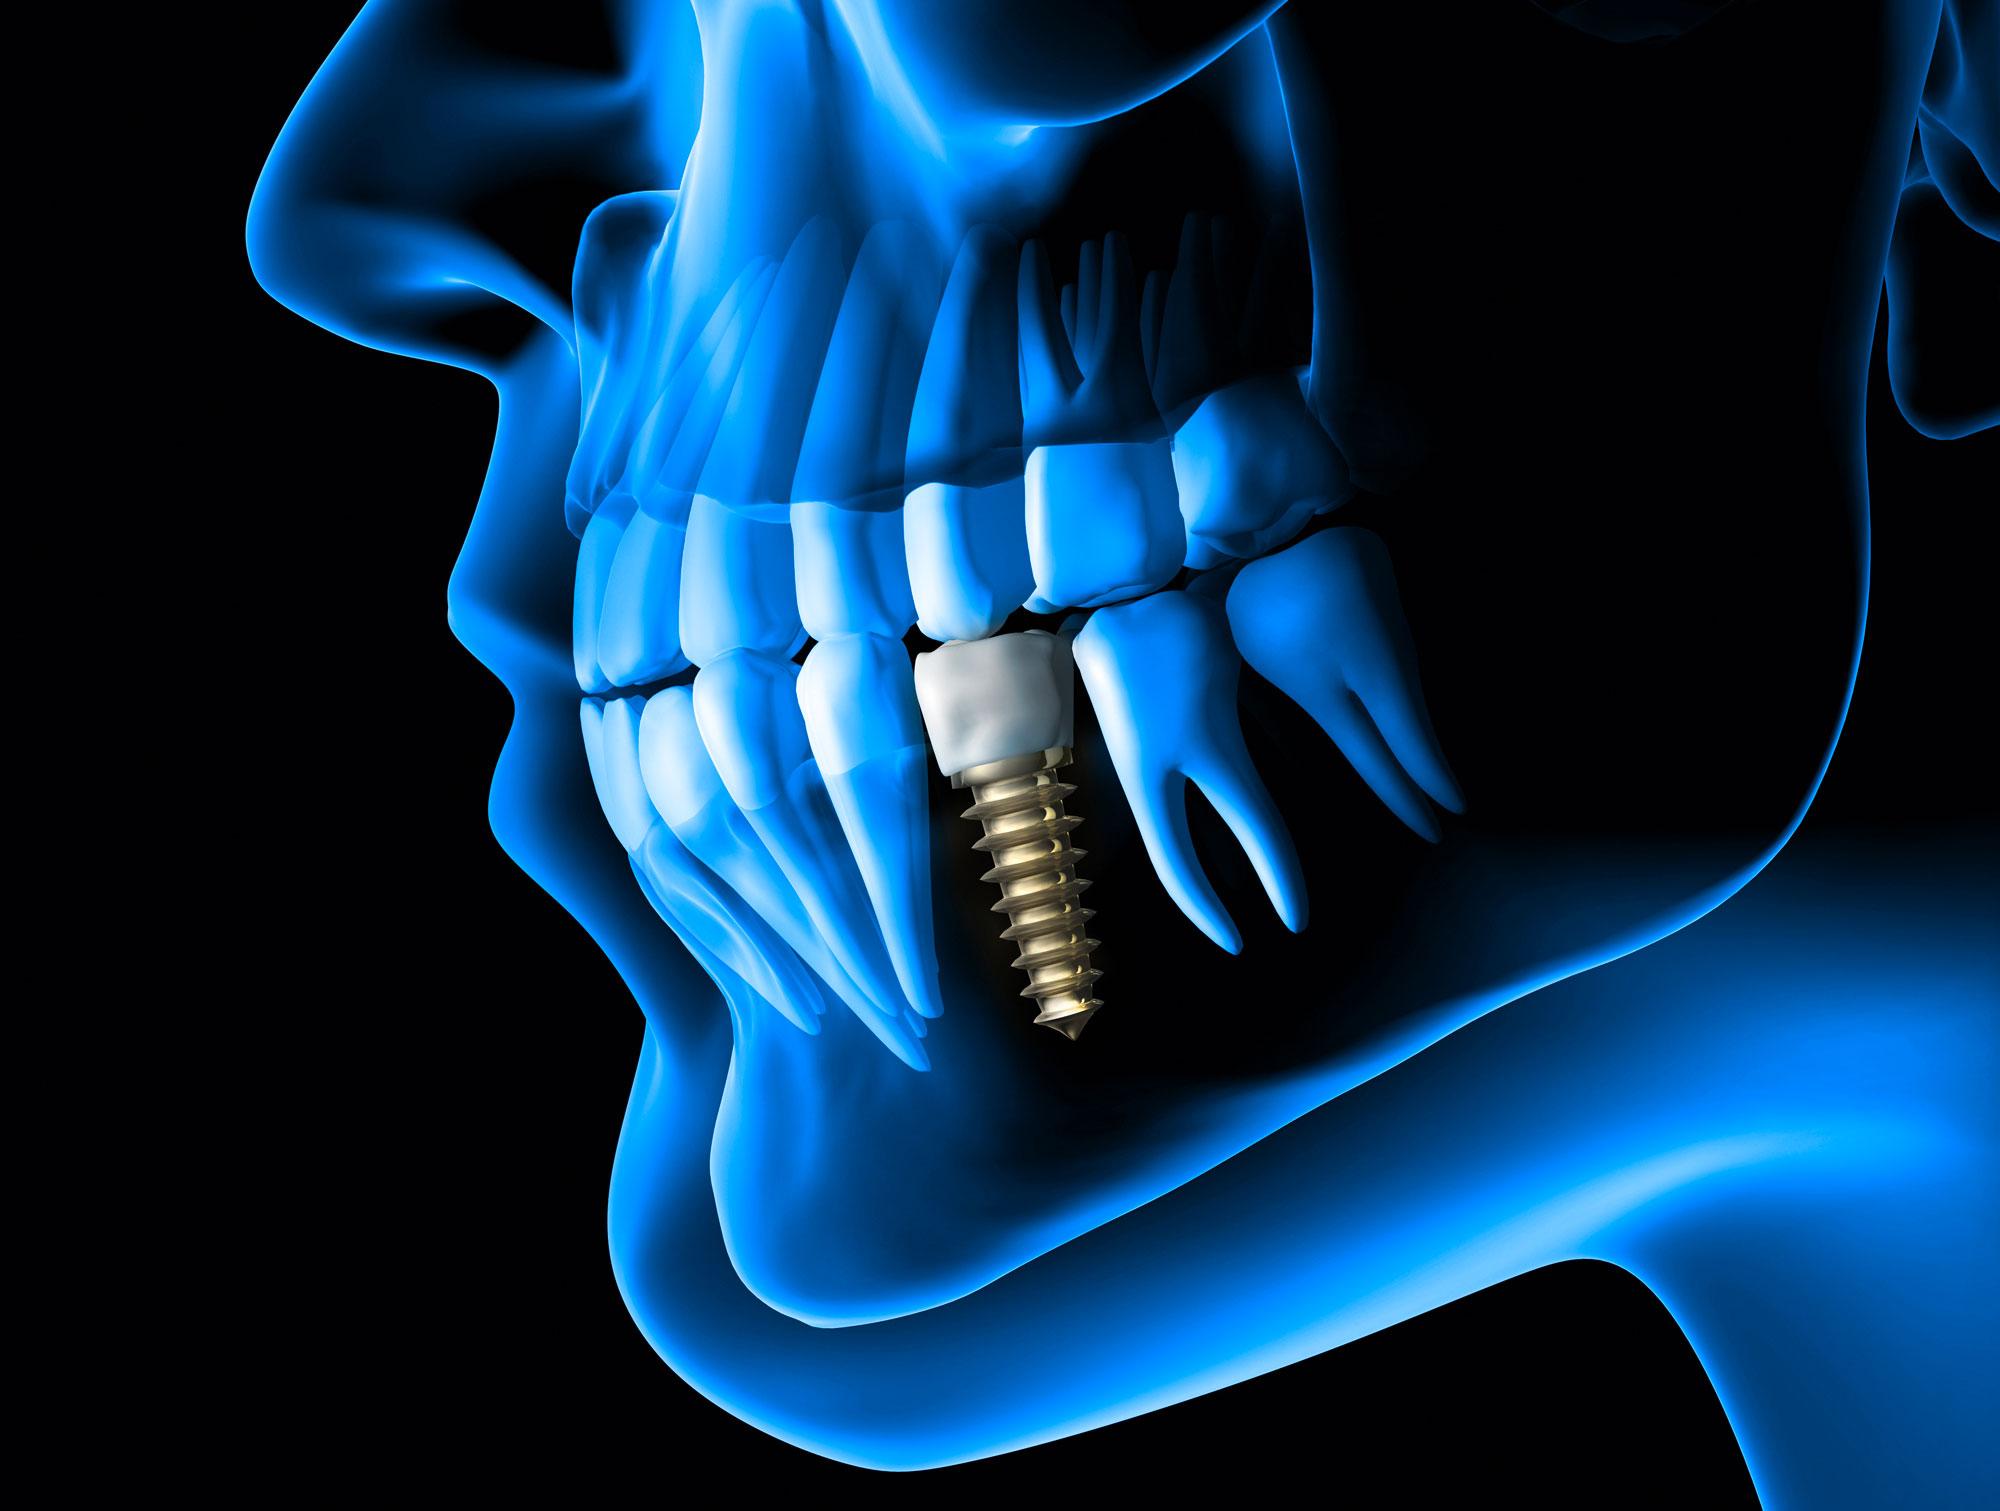 impianti dentali carico immediato brescia